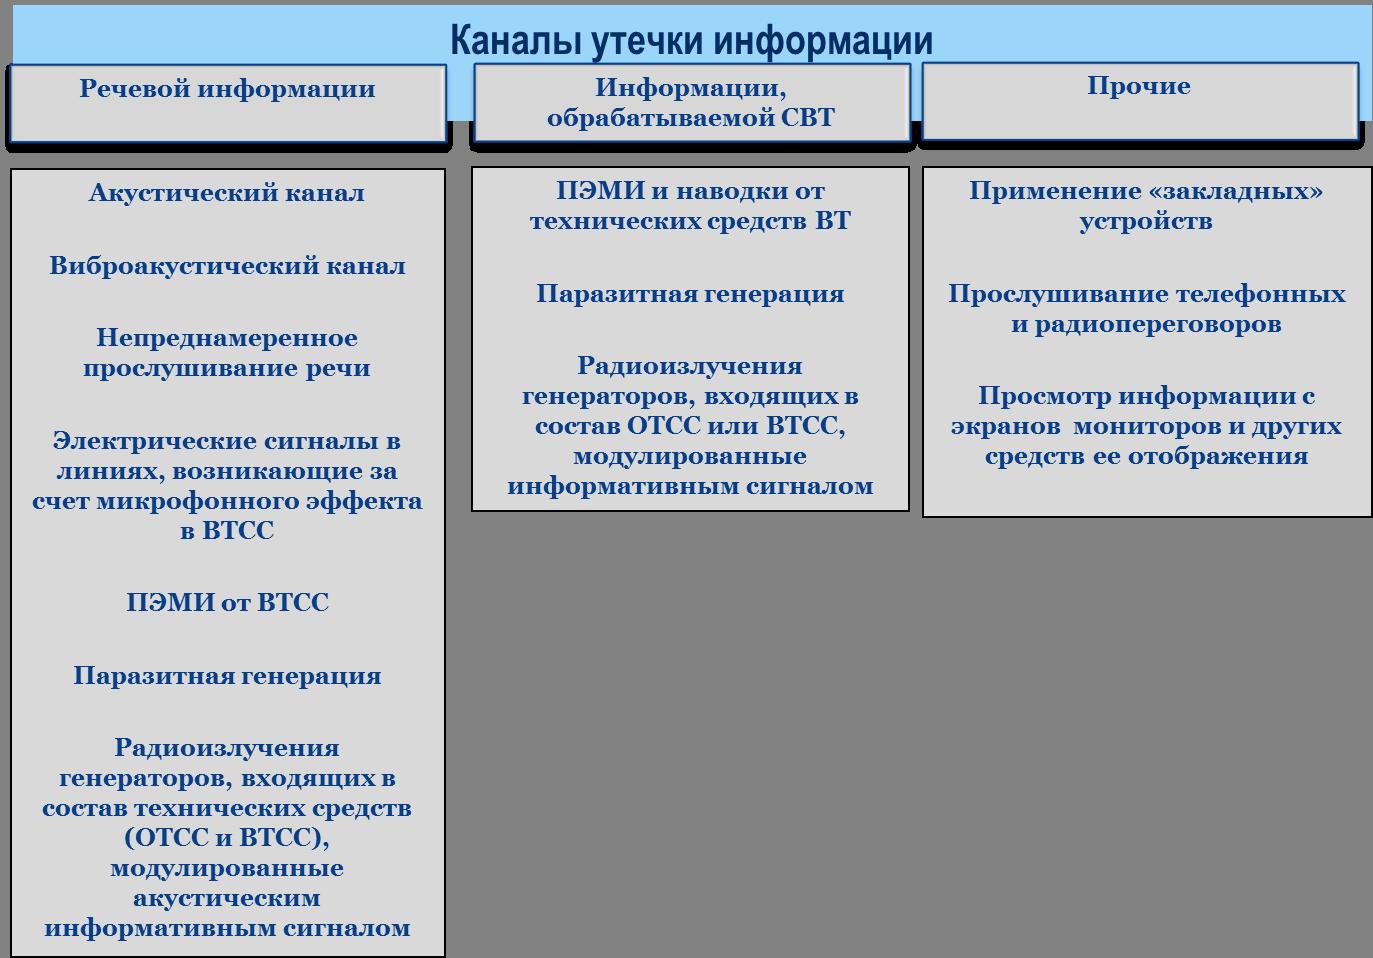 Каналы утечки информации